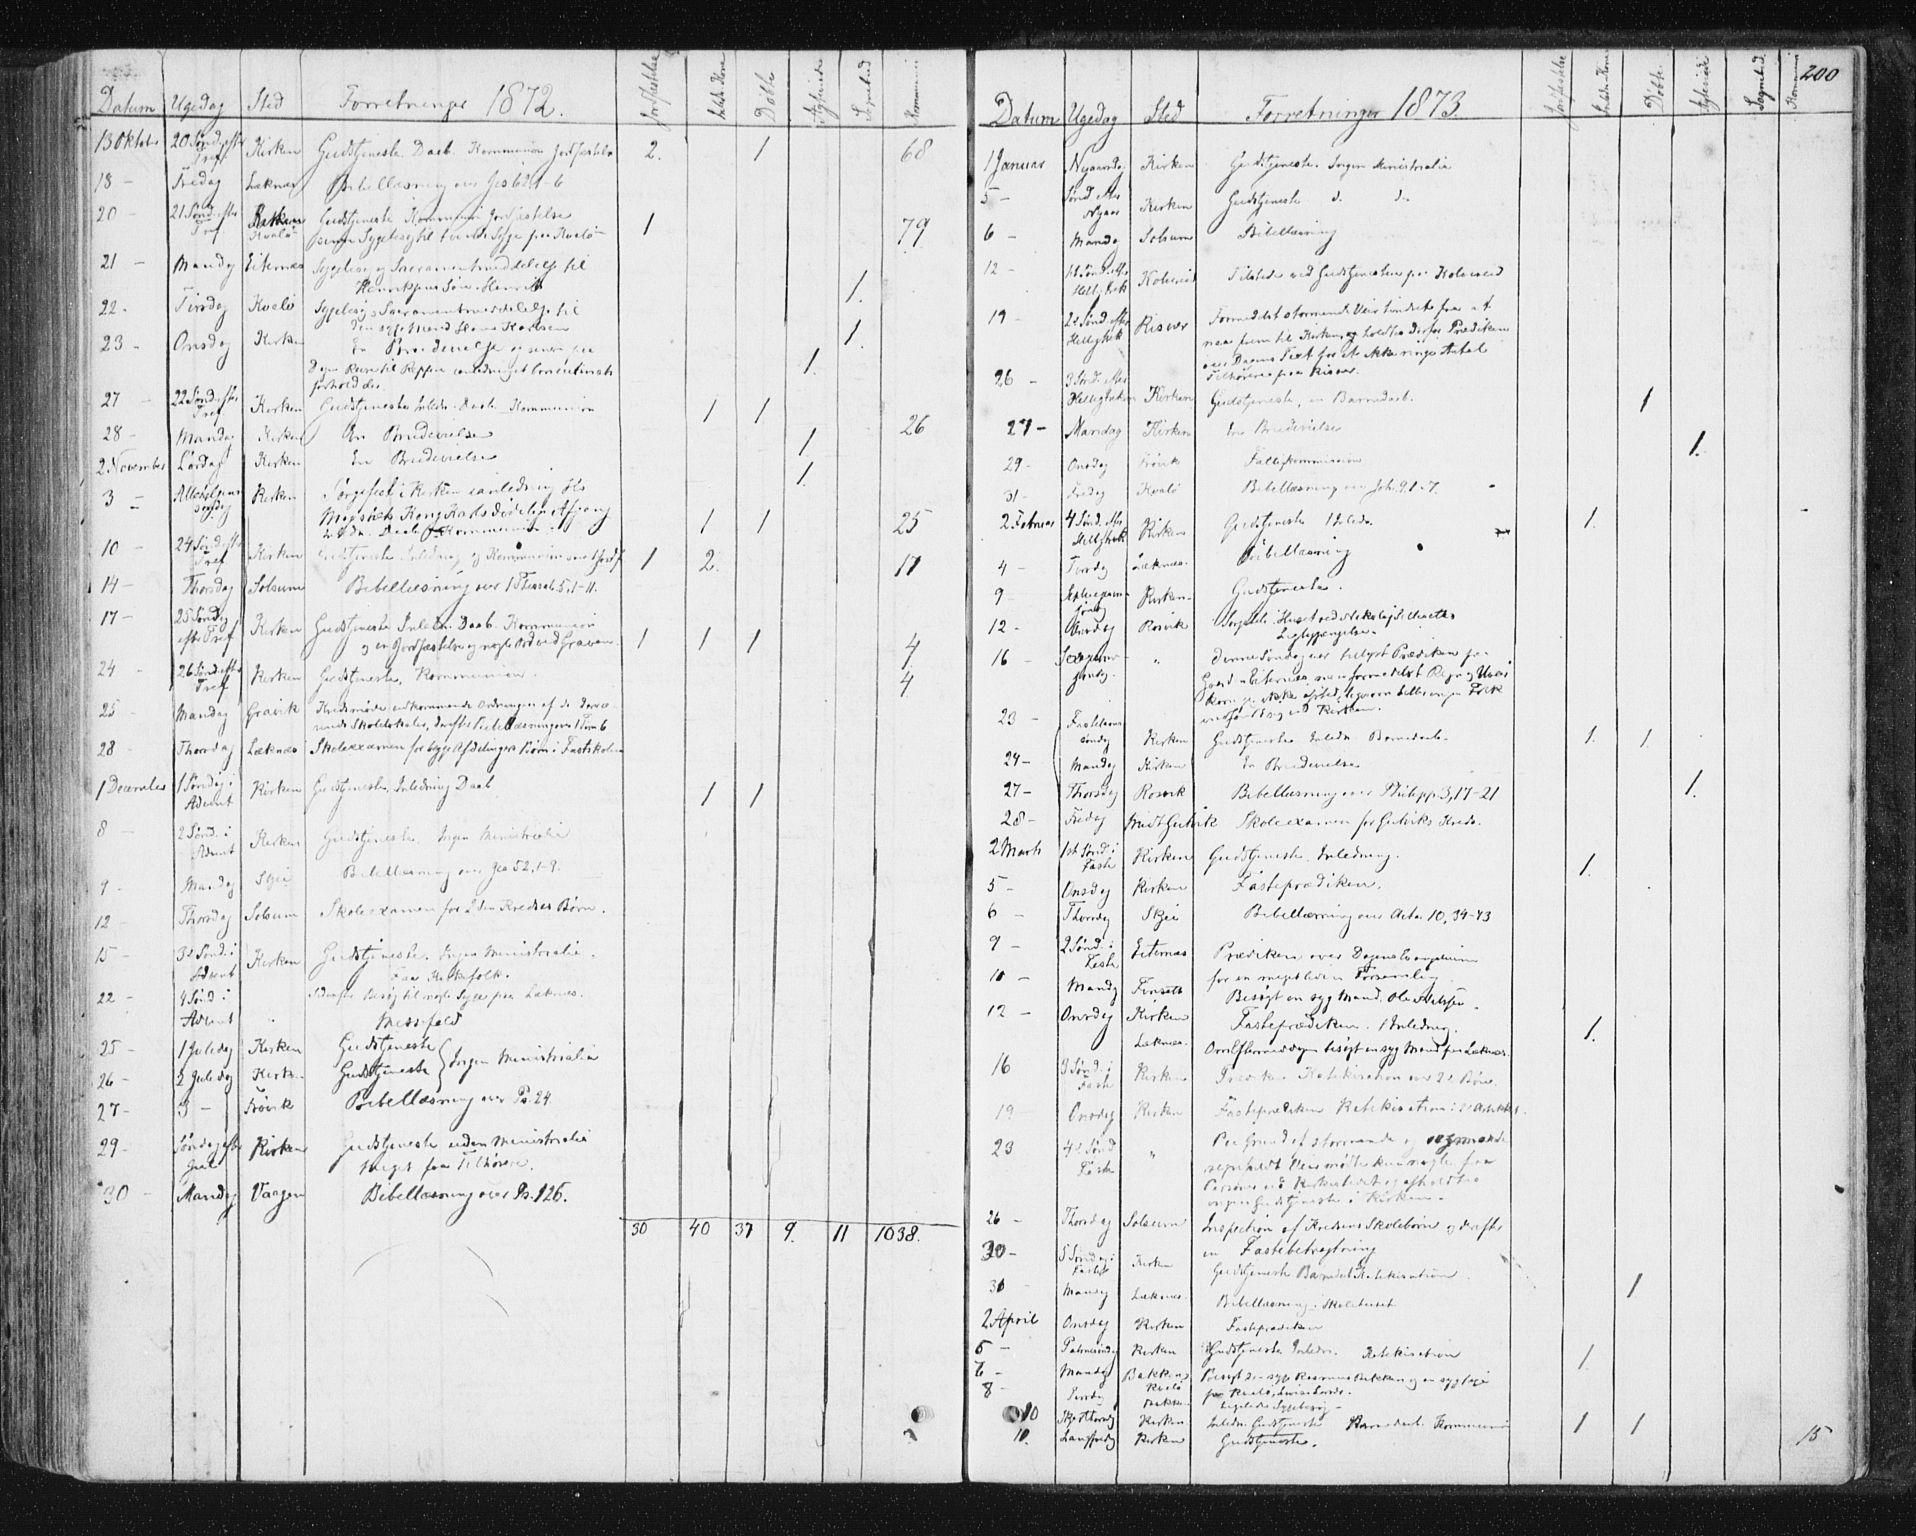 SAT, Ministerialprotokoller, klokkerbøker og fødselsregistre - Nord-Trøndelag, 788/L0696: Ministerialbok nr. 788A03, 1863-1877, s. 200